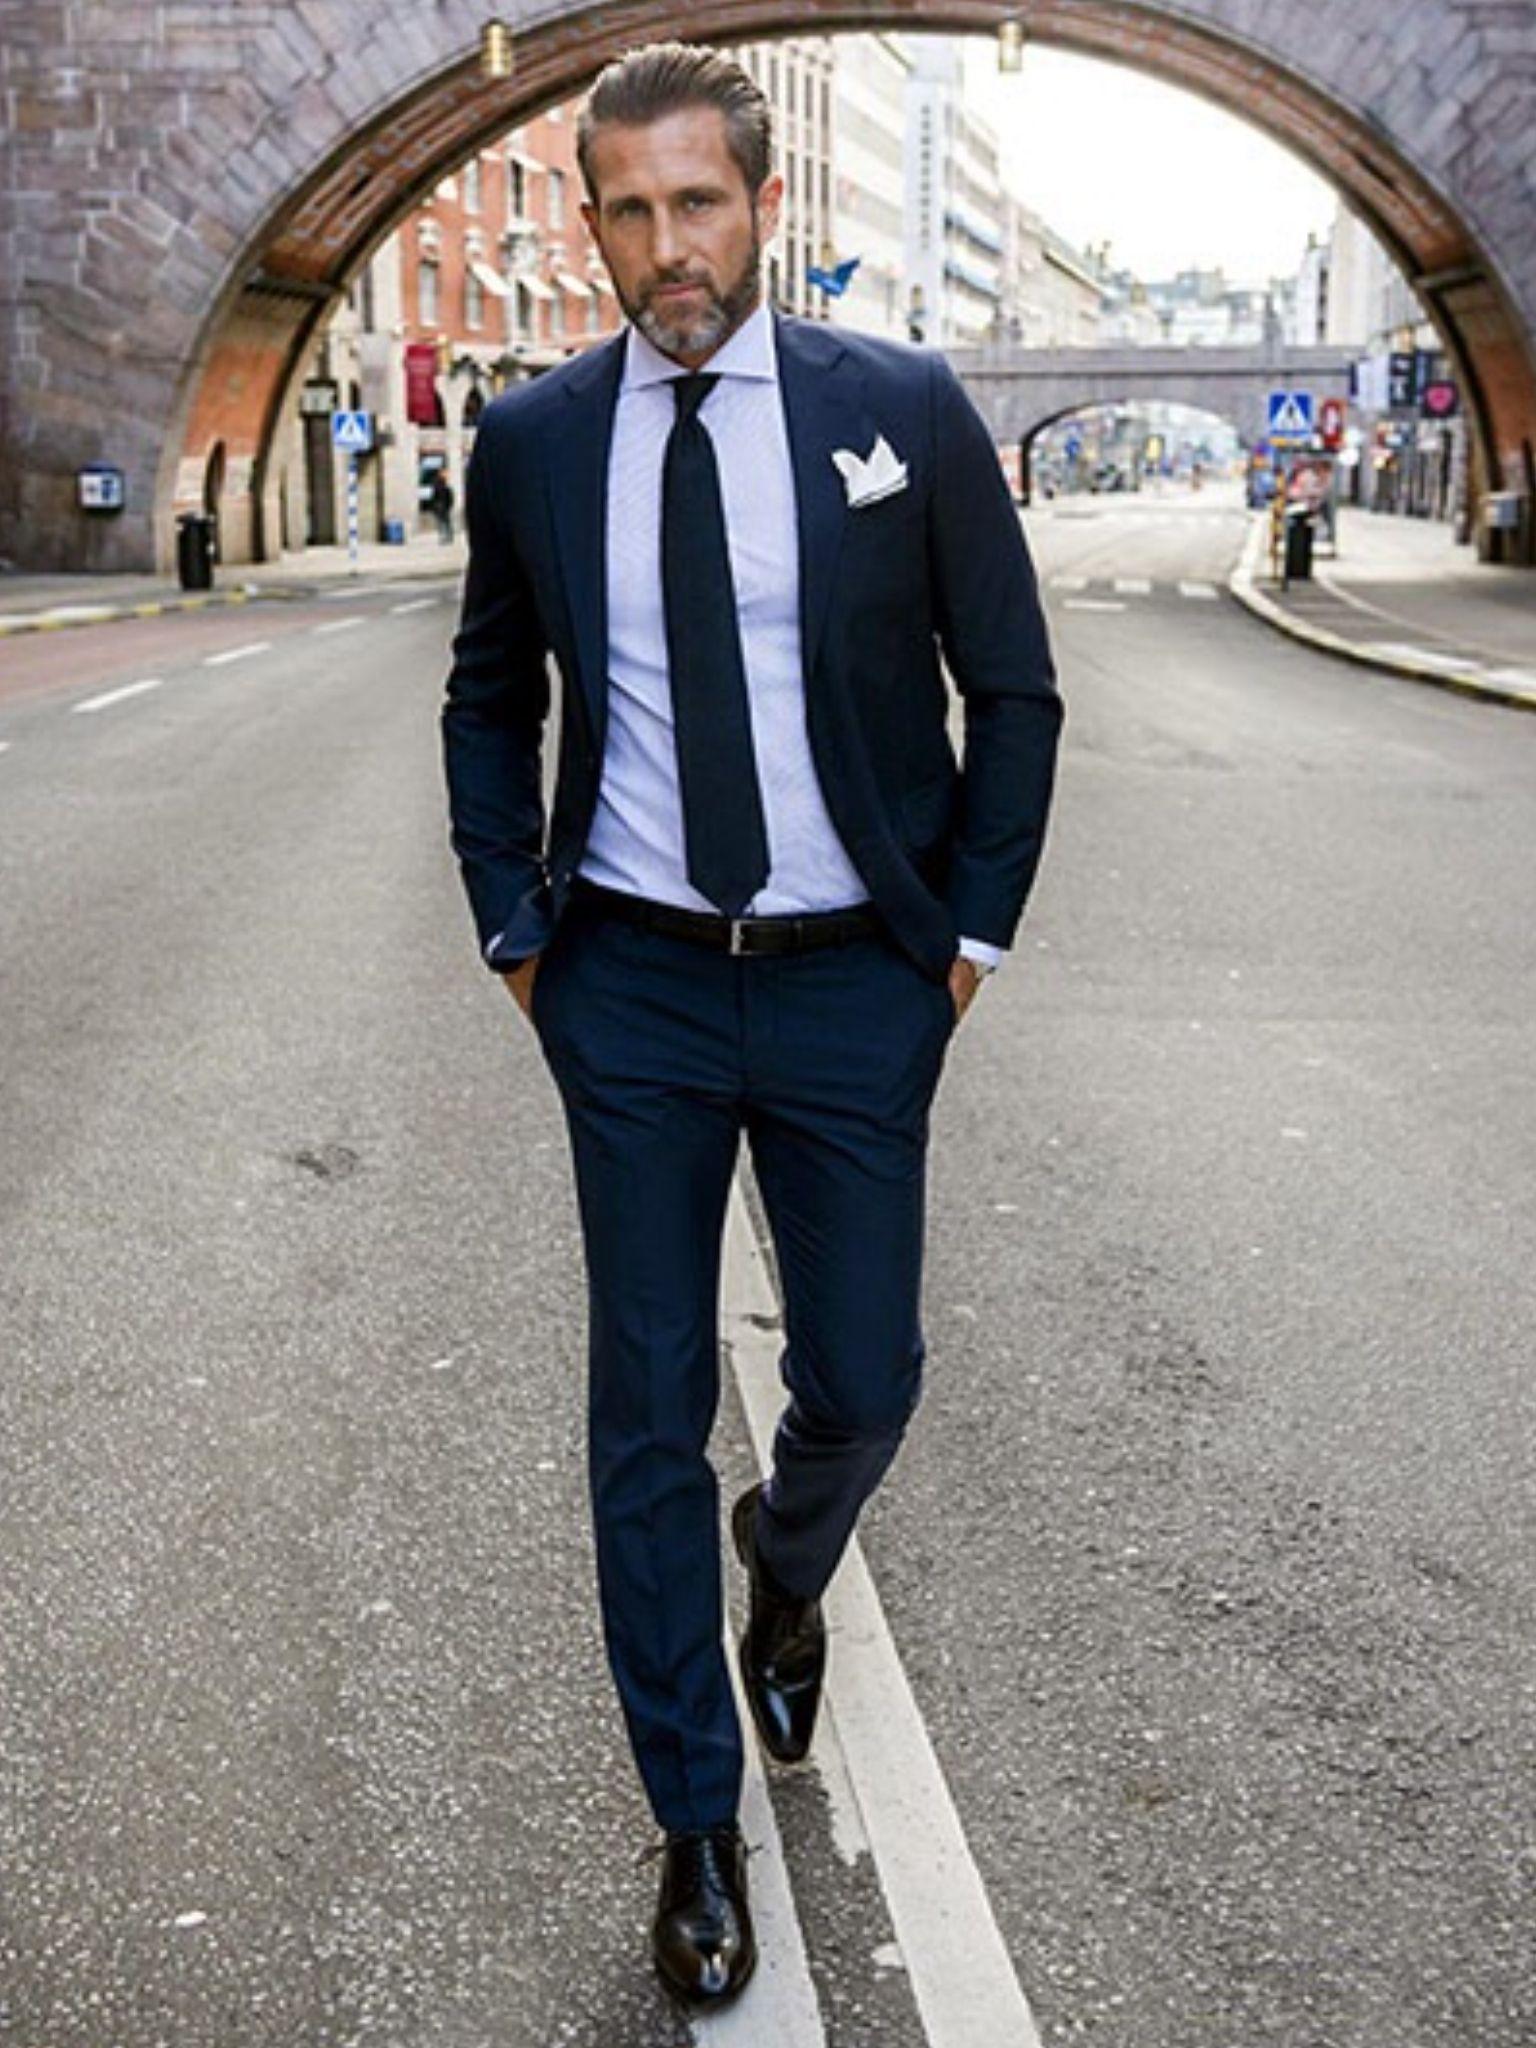 7c898f6df633 fashion for men # men's style # men's fashion # men's wear # mode homme